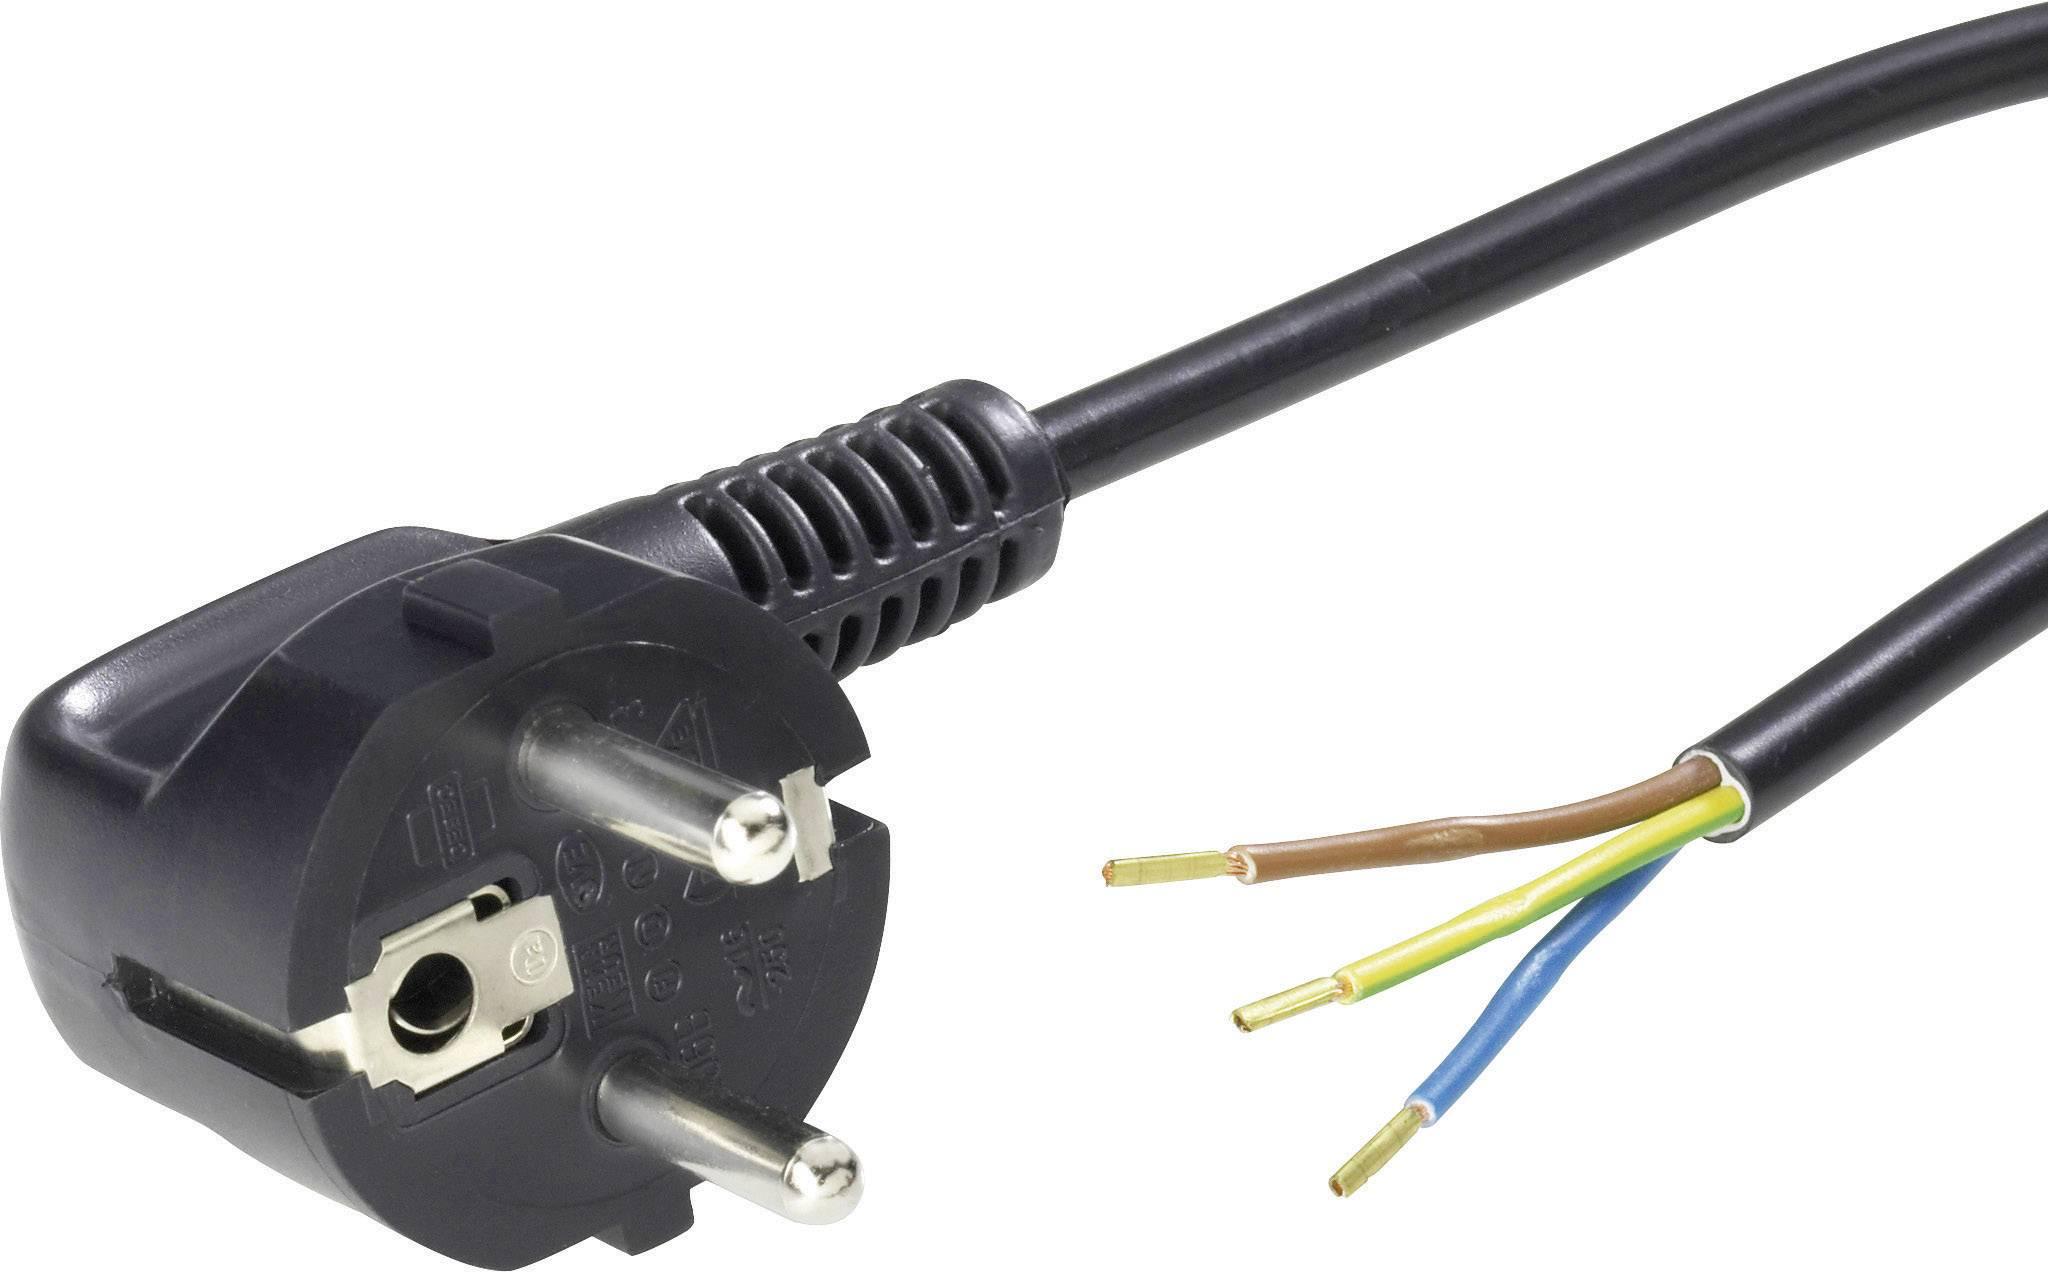 Síťový kabel LappKabel, zástrčka/otevřený konec, 1 mm², 2 m, černá, 70261140